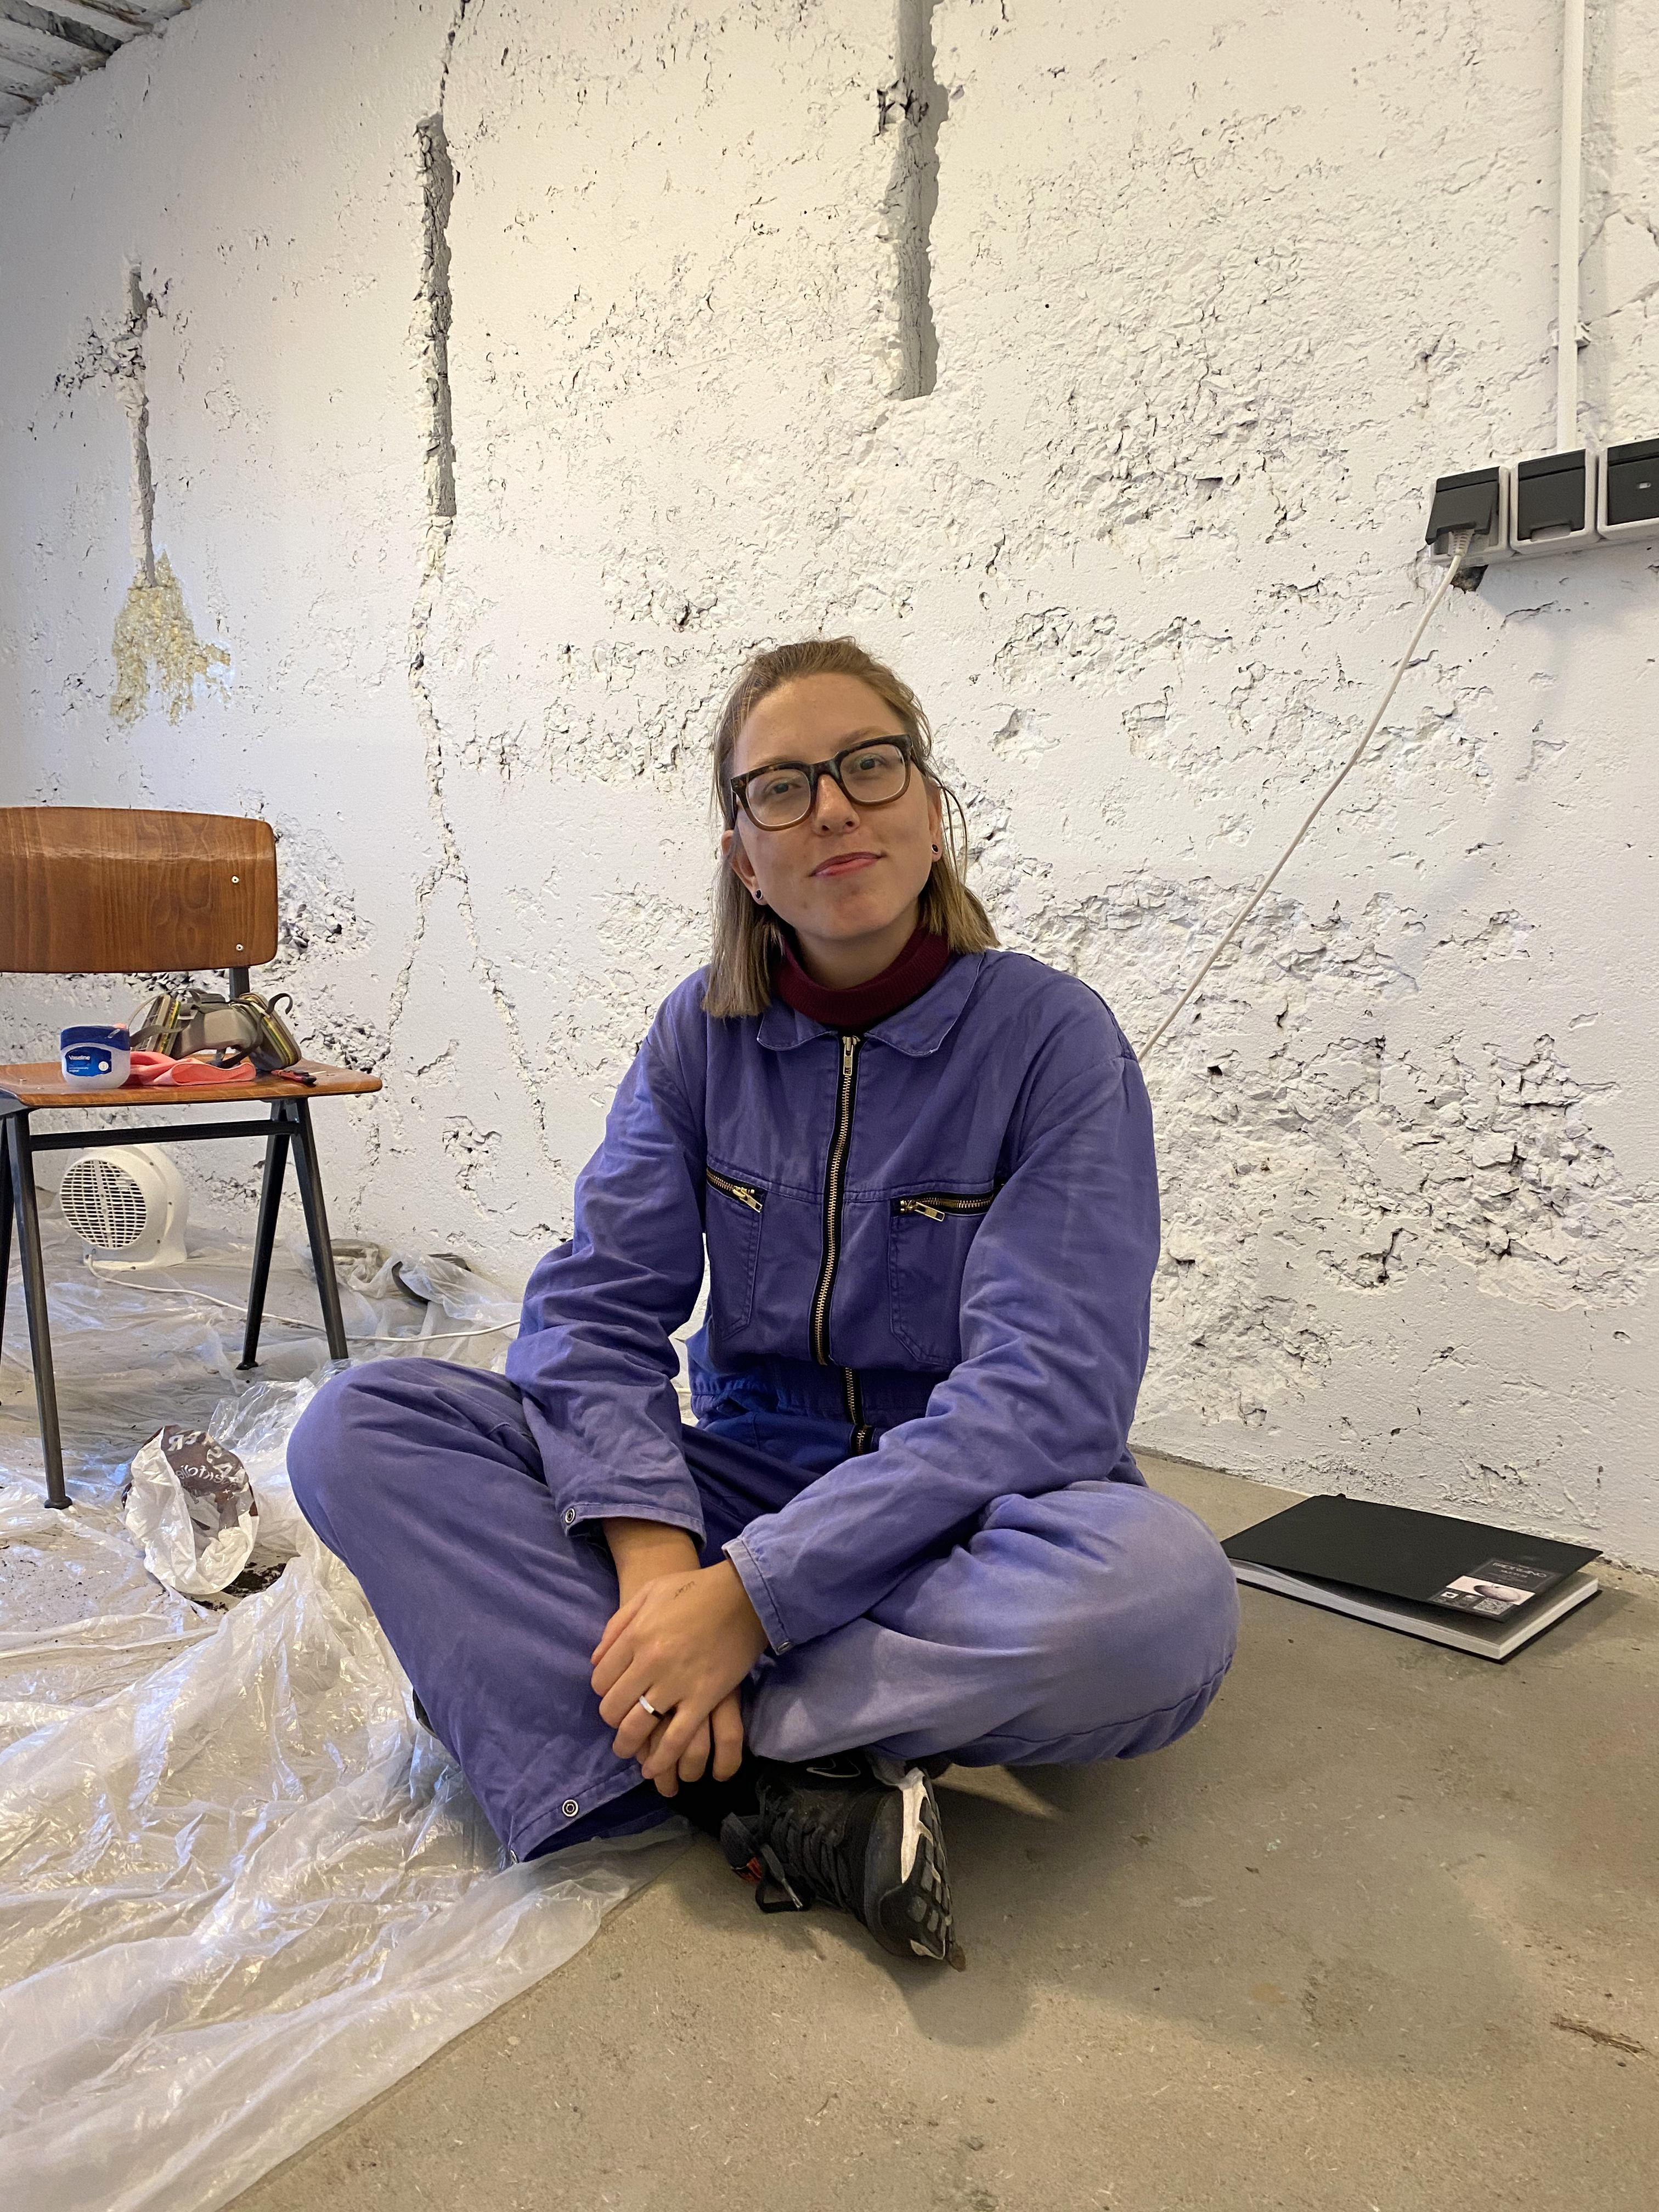 Kunstenaar Emma Kroos werkt drie maanden in eenzaamheid in de Batterij: 'Ik knuffel zo'n gebouw voor ik begin, zeg maar'